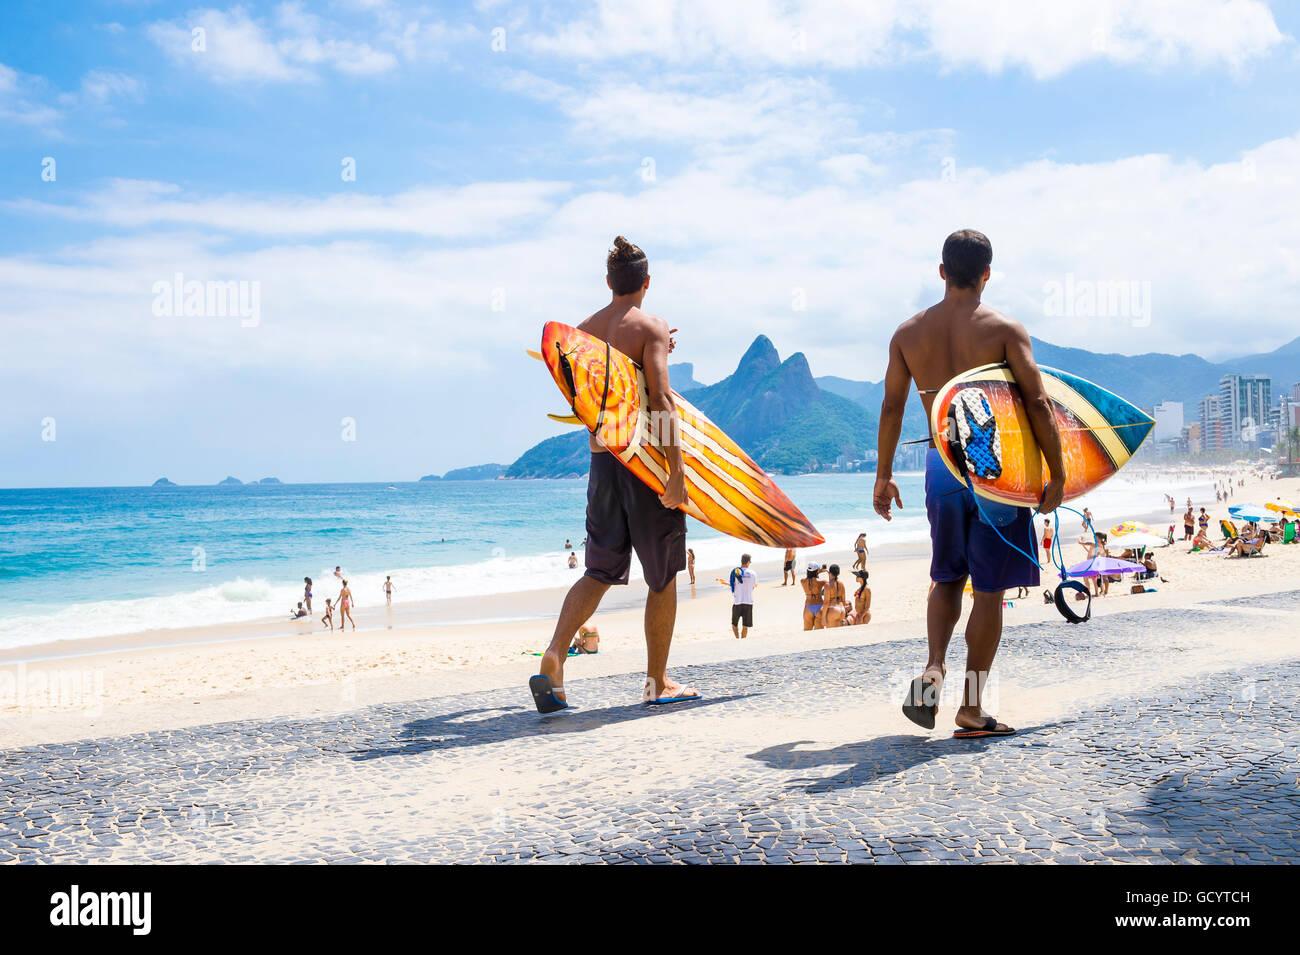 RIO DE JANEIRO - Aprile 3, 2016: Giovani carioca brasiliani a piedi con tavole da surf da Arpoador, il famoso punto Immagini Stock